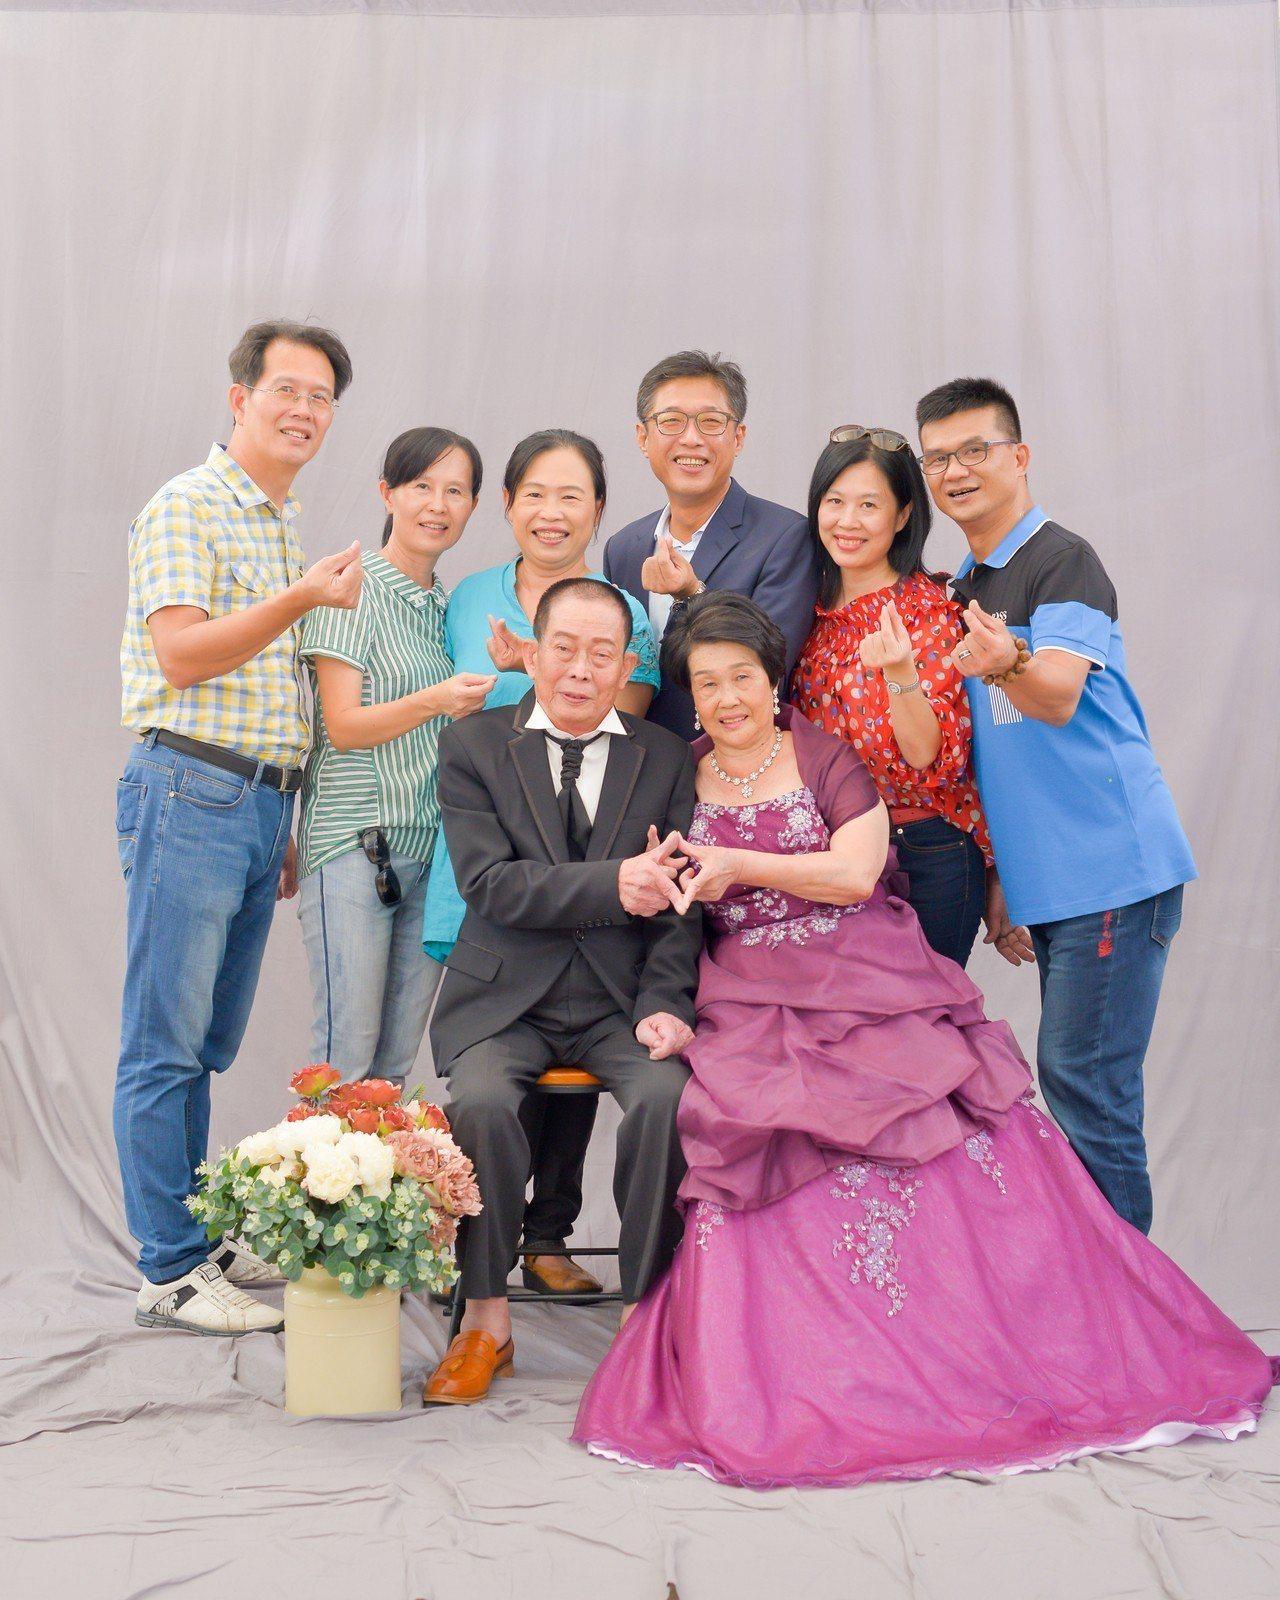 重披婚紗,口湖鄉金婚老夫妻拍婚紗照超開心。圖/口湖鄉公所提供